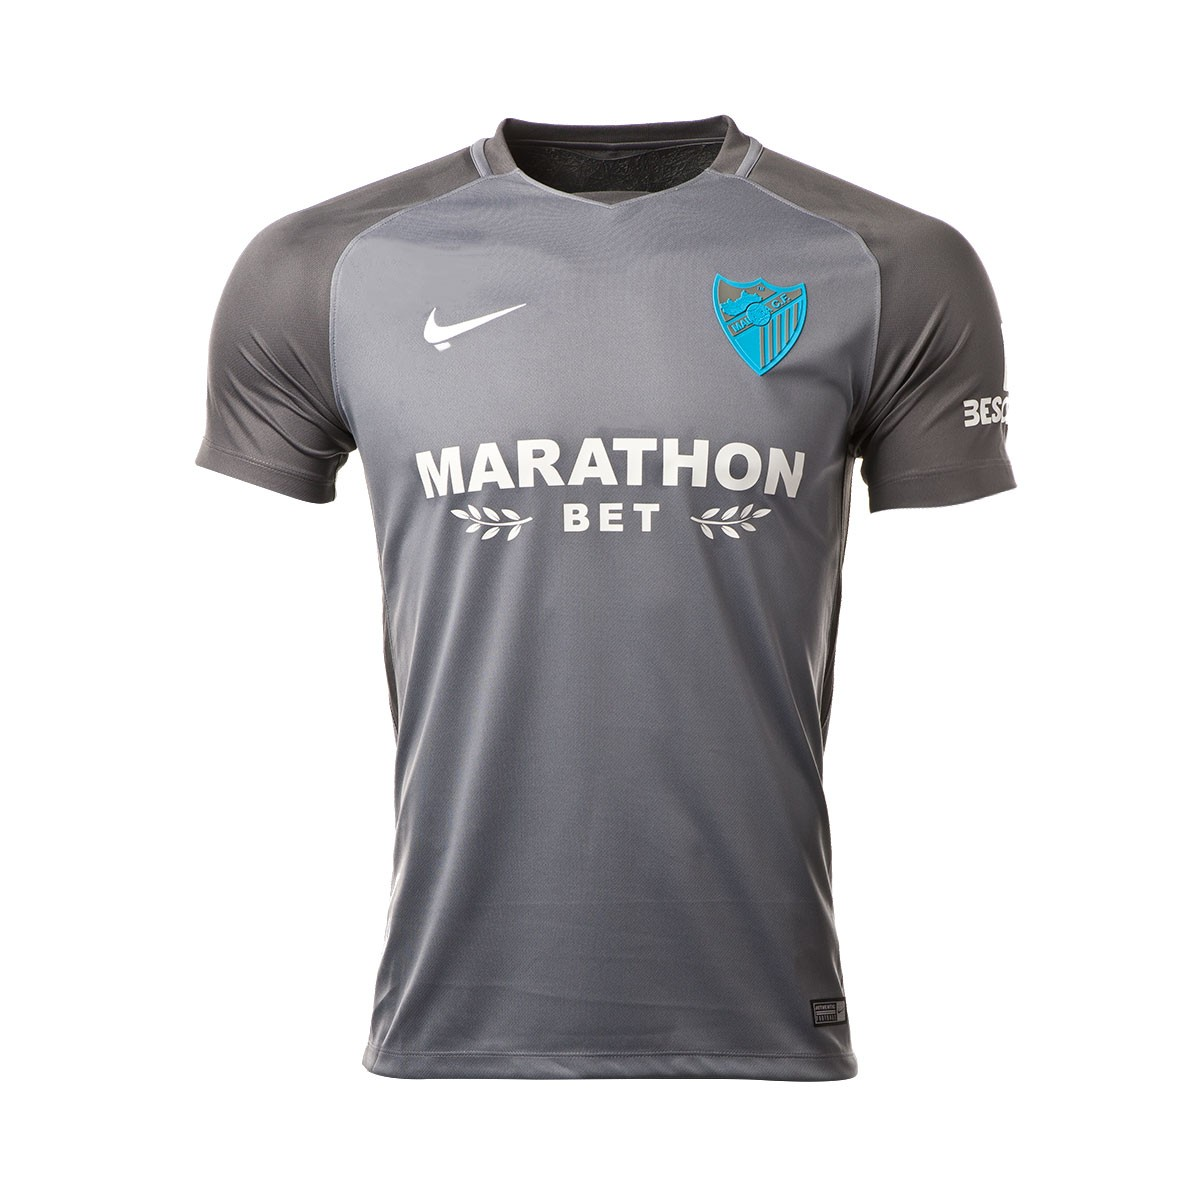 Camiseta Nike Málaga CF Segunda Equipación 2017-2018 Gris - Soloporteros es  ahora Fútbol Emotion 010fcfd5163f7